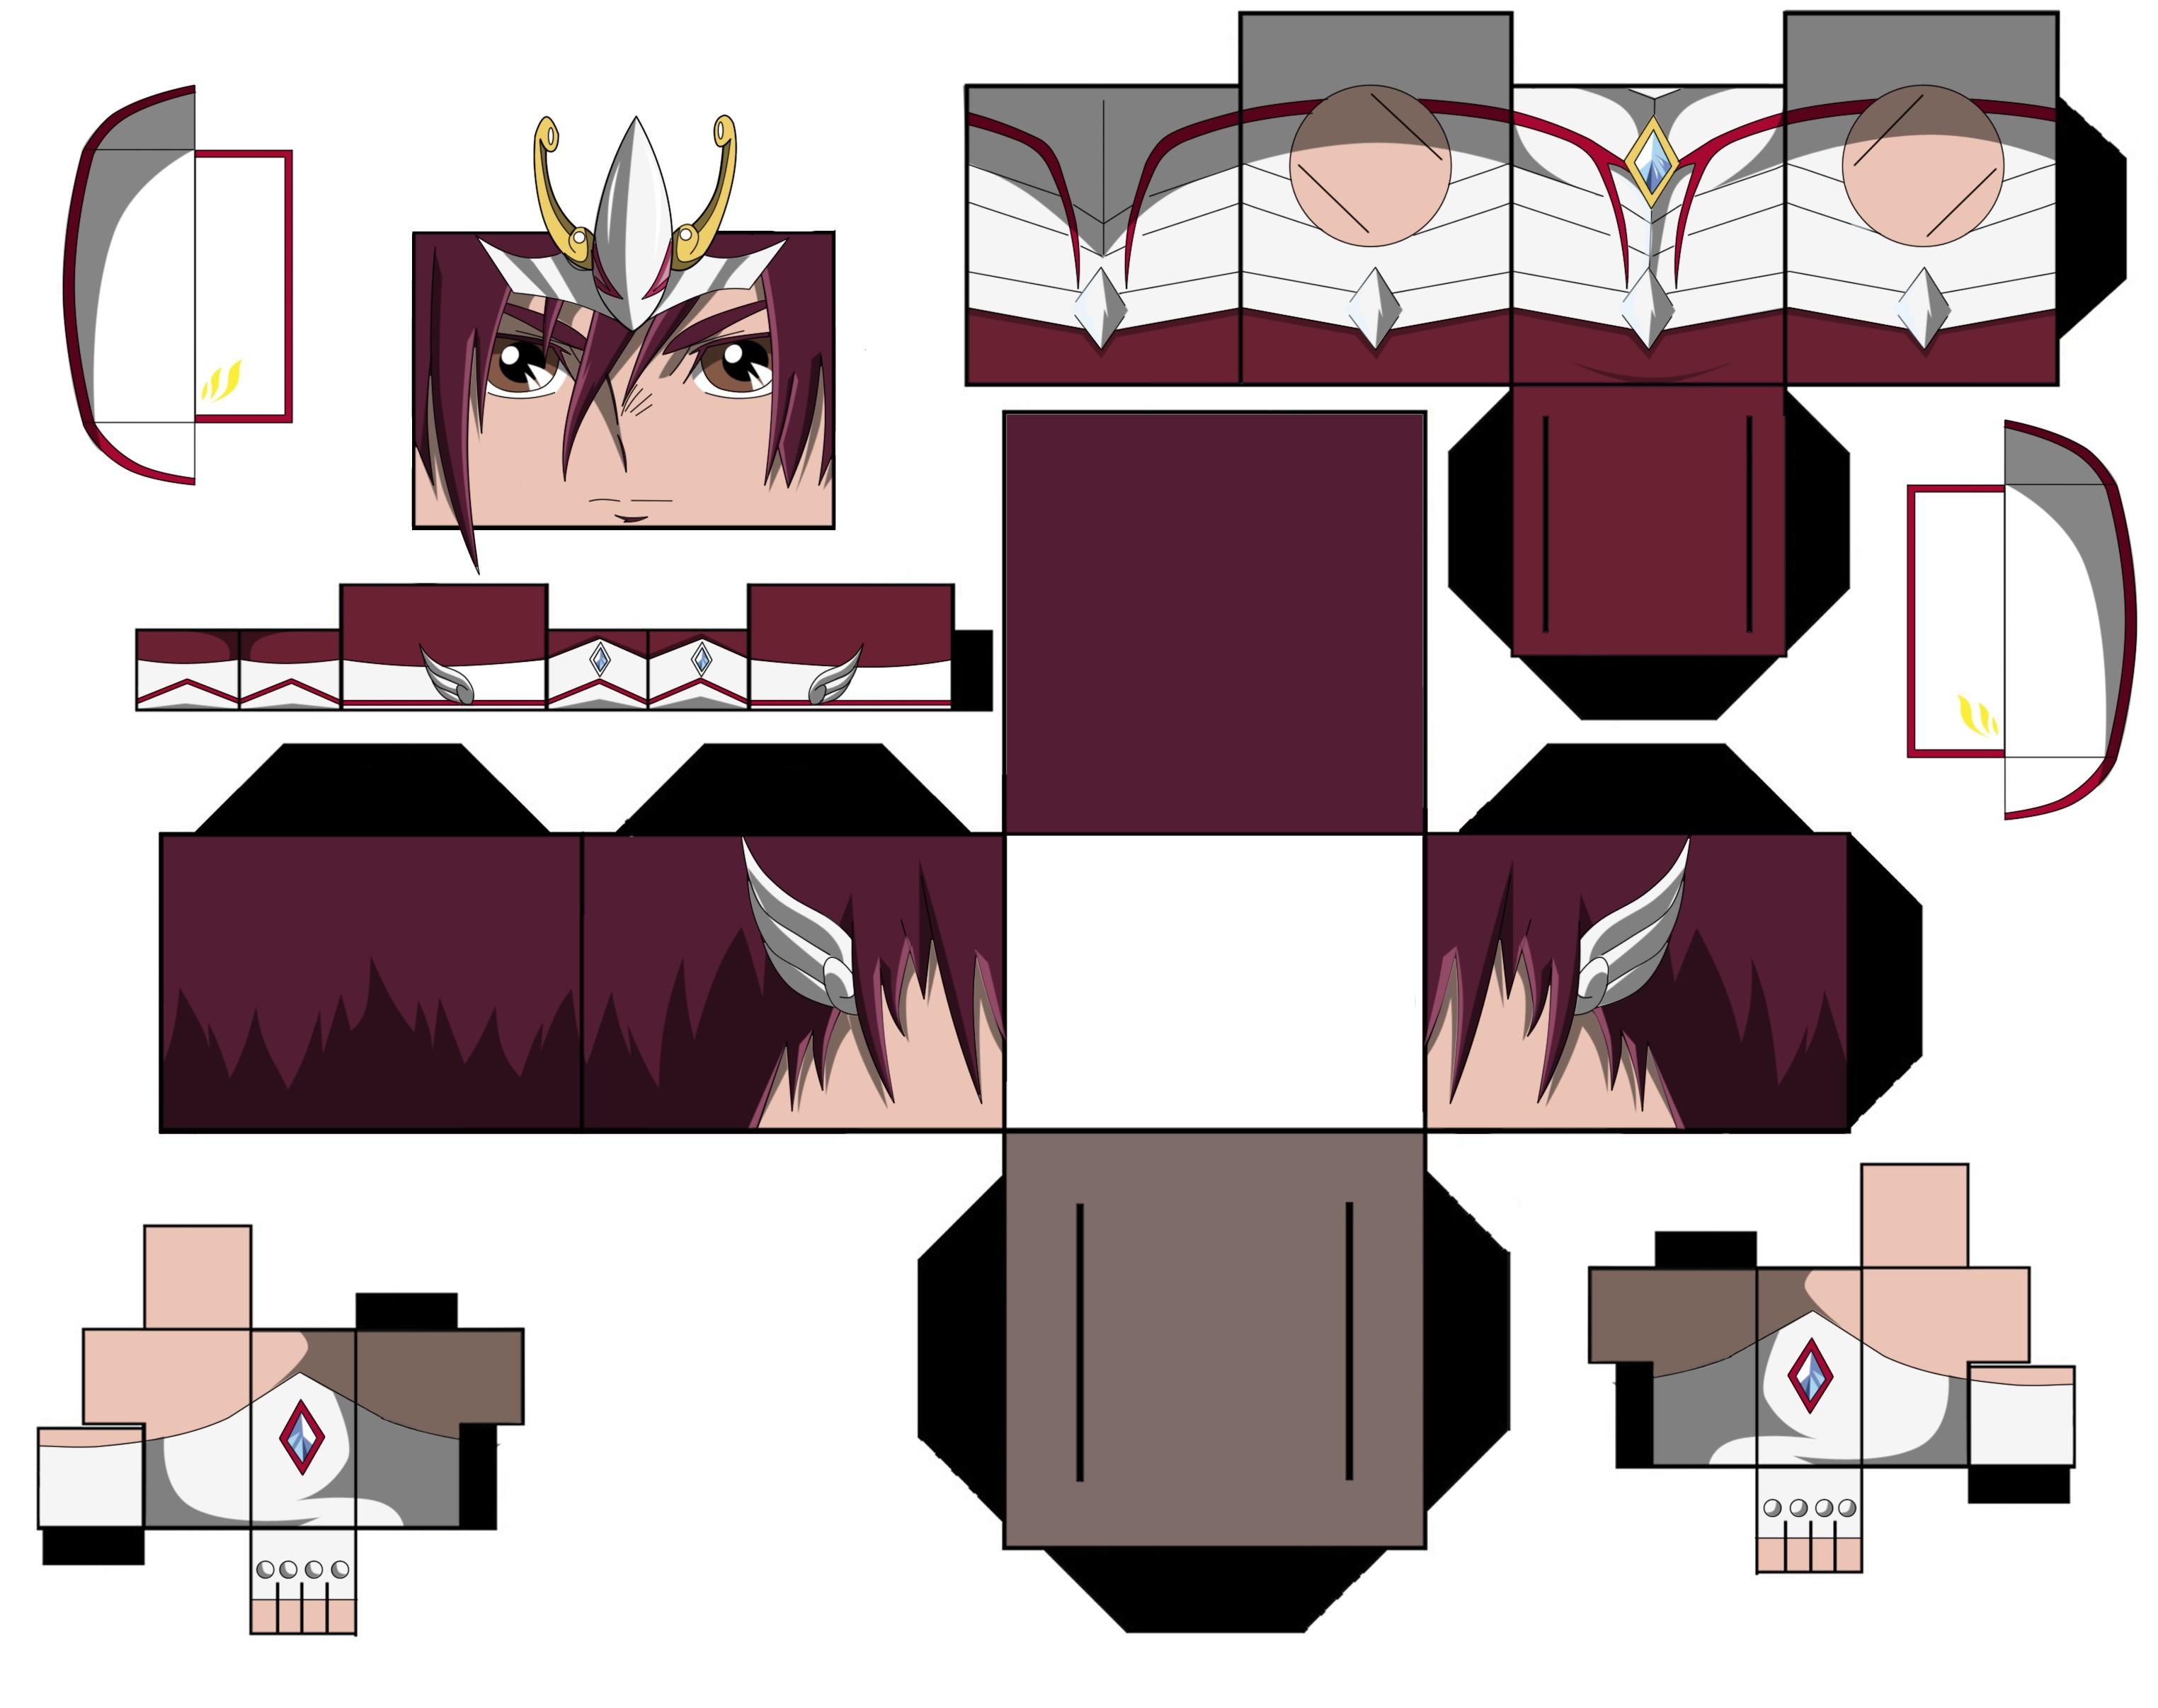 Persona Papercraft Pegasus Kōga Papercraft Kouga De Pégasu Papercraft 天馬座